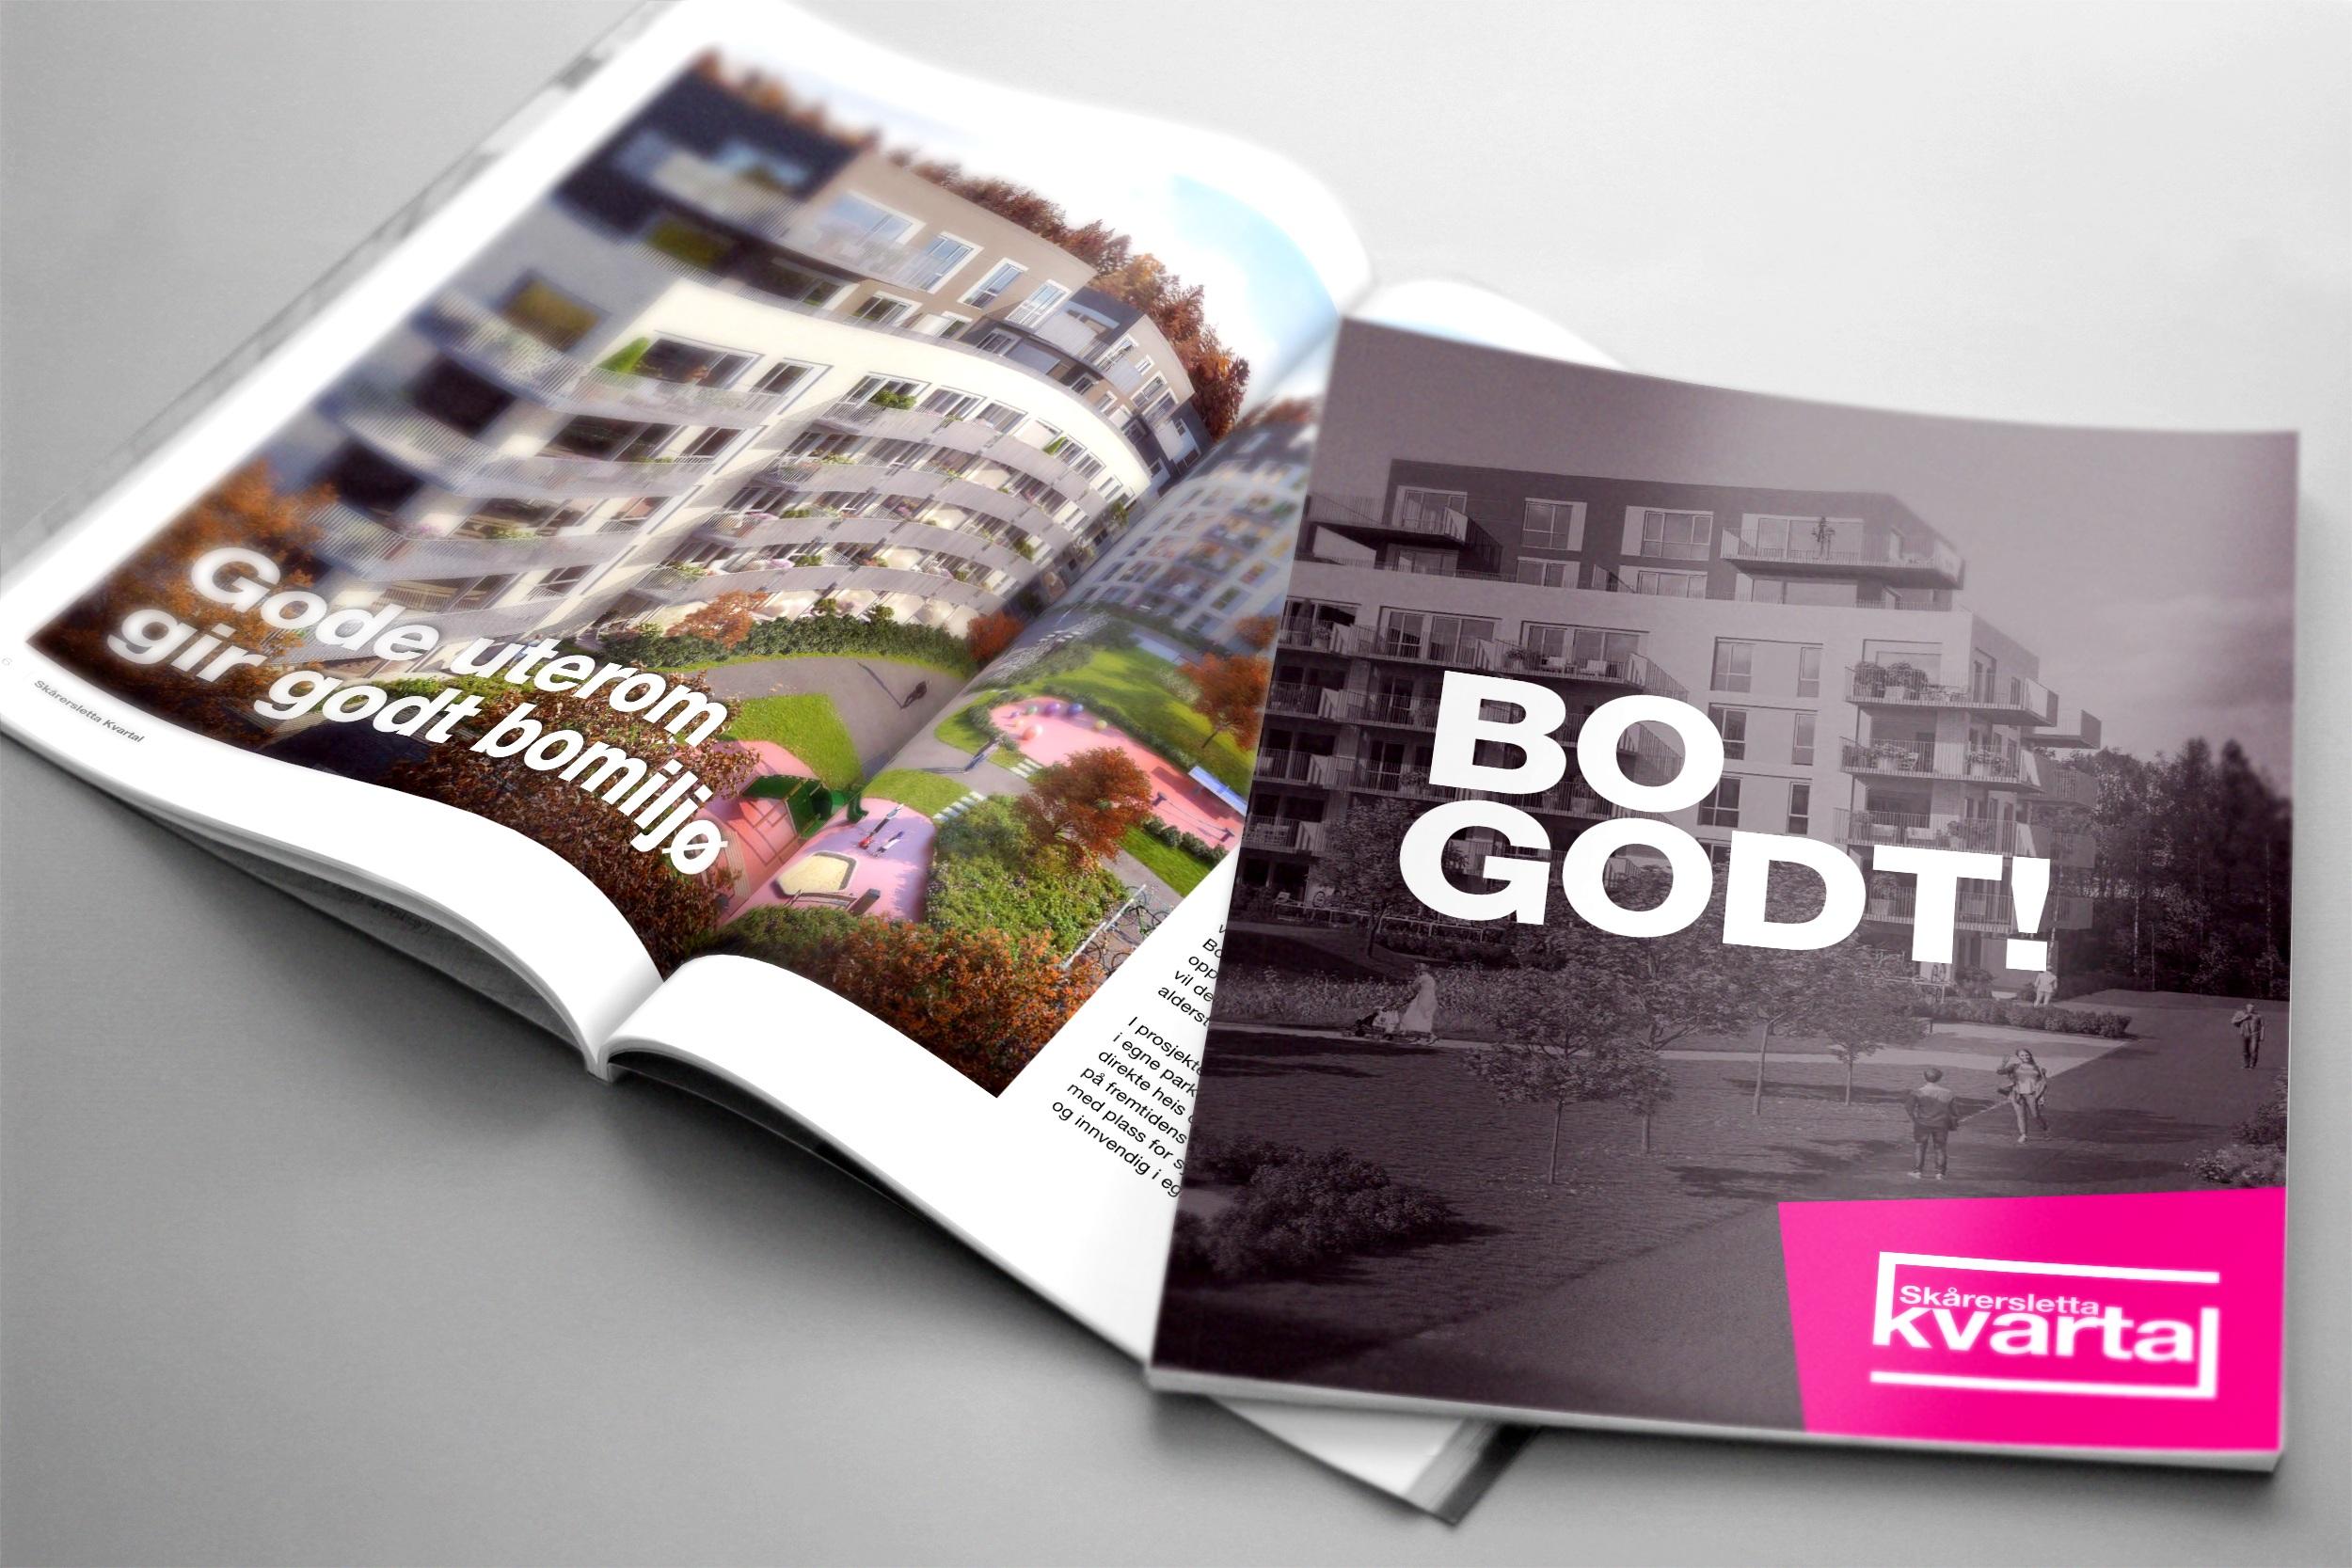 Bilde av oppslag og forside av prospektet til Skårersletta kvartal laget av Oktan Oslo